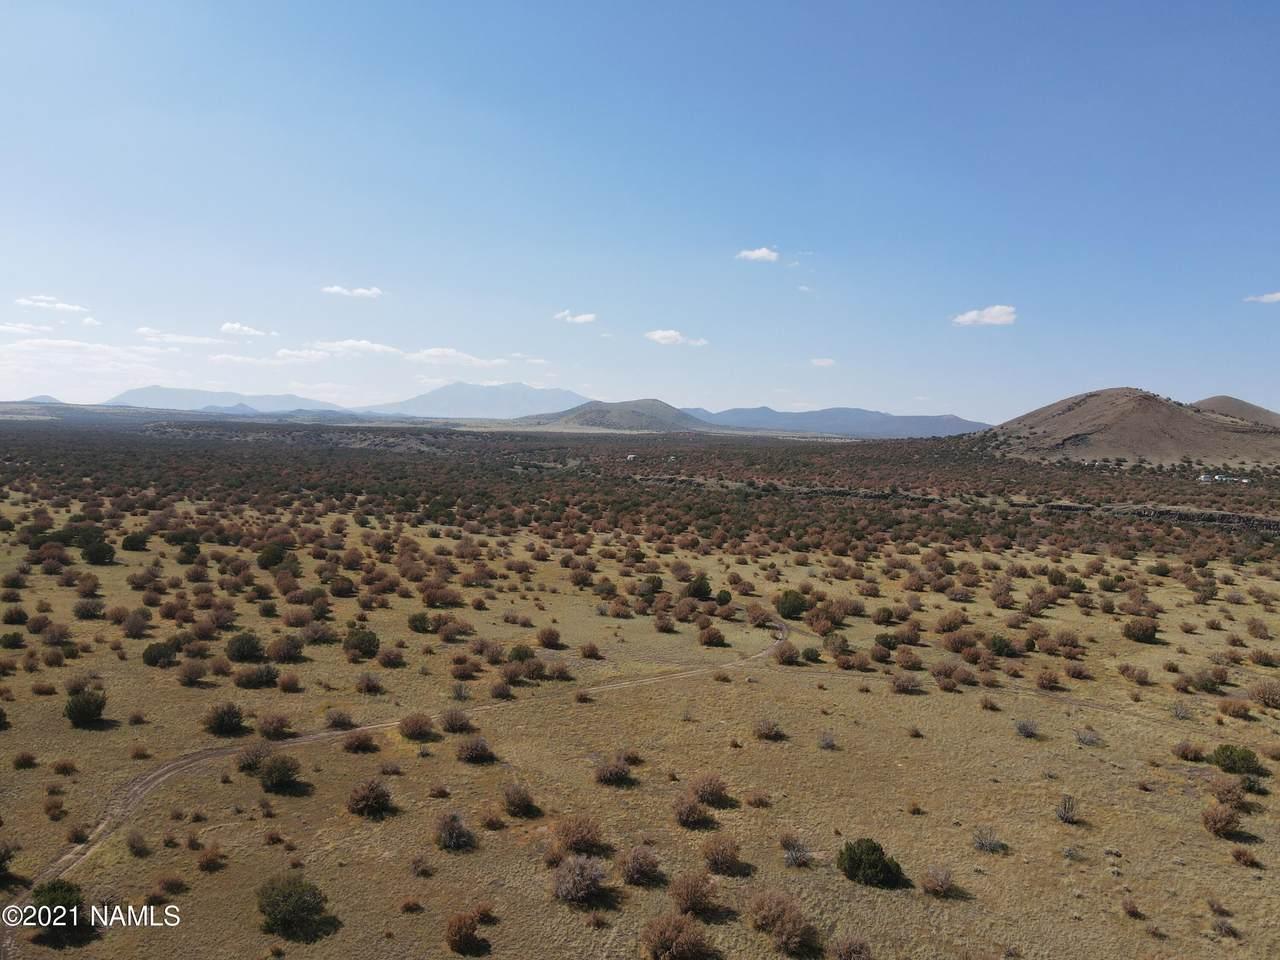 000 Alpine Ranchos # 30317010H - Photo 1